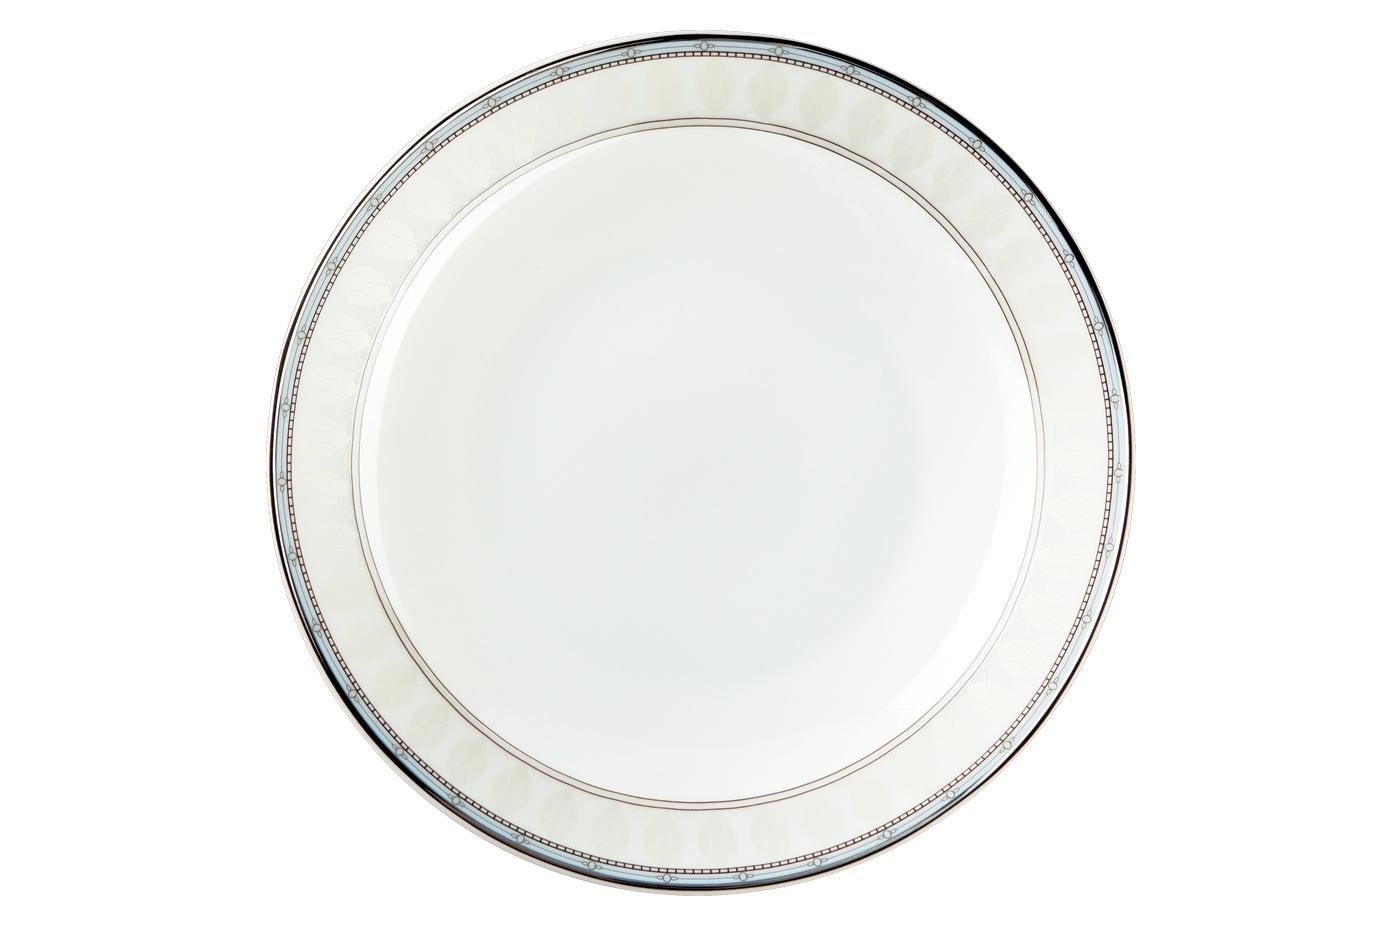 Набор из 6 тарелок суповых Royal Aurel Британия (20см) арт.707Наборы тарелок<br>Набор из 6 тарелок суповых Royal Aurel Британия (20см) арт.707<br>Производить посуду из фарфора начали в Китае на стыке 6-7 веков. Неустанно совершенствуя и селективно отбирая сырье для производства посуды из фарфора, мастерам удалось добиться выдающихся характеристик фарфора: белизны и тонкостенности. В XV веке появился особый интерес к китайской фарфоровой посуде, так как в это время Европе возникла мода на самобытные китайские вещи. Роскошный китайский фарфор являлся изыском и был в новинку, поэтому он выступал в качестве подарка королям, а также знатным людям. Такой дорогой подарок был очень престижен и по праву являлся элитной посудой. Как известно из многочисленных исторических документов, в Европе китайские изделия из фарфора ценились практически как золото. <br>Проверка изделий из костяного фарфора на подлинность <br>По сравнению с производством других видов фарфора процесс производства изделий из настоящего костяного фарфора сложен и весьма длителен. Посуда из изящного фарфора - это элитная посуда, которая всегда ассоциируется с богатством, величием и благородством. Несмотря на небольшую толщину, фарфоровая посуда - это очень прочное изделие. Для демонстрации плотности и прочности фарфора можно легко коснуться предметов посуды из фарфора деревянной палочкой, и тогда мы услушим характерный металлический звон. В составе фарфоровой посуды присутствует костяная зола, благодаря чему она может быть намного тоньше (не более 2,5 мм) и легче твердого или мягкого фарфора. Безупречная белизна - ключевой признак отличия такого фарфора от других. Цвет обычного фарфора сероватый или ближе к голубоватому, а костяной фарфор будет всегда будет молочно-белого цвета. Характерная и немаловажная деталь - это невесомая прозрачность изделий из фарфора такая, что сквозь него проходит свет.<br>